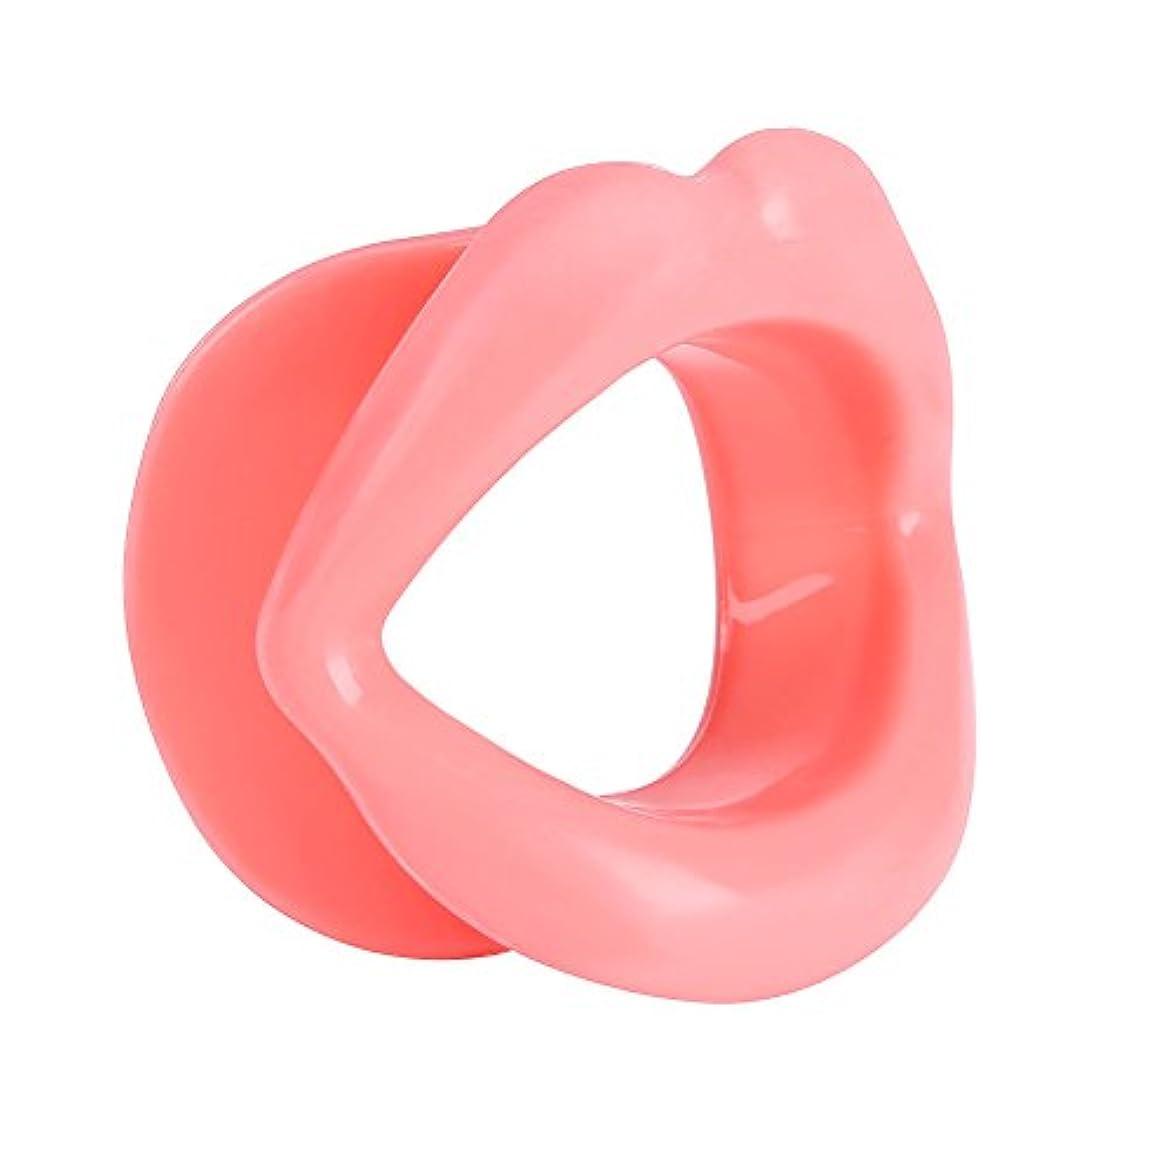 干渉する古くなったリーンリップトレーナー、シリコンフェイスリフティングエクササイズマウスの筋肉の締め具、しわ防止ツール